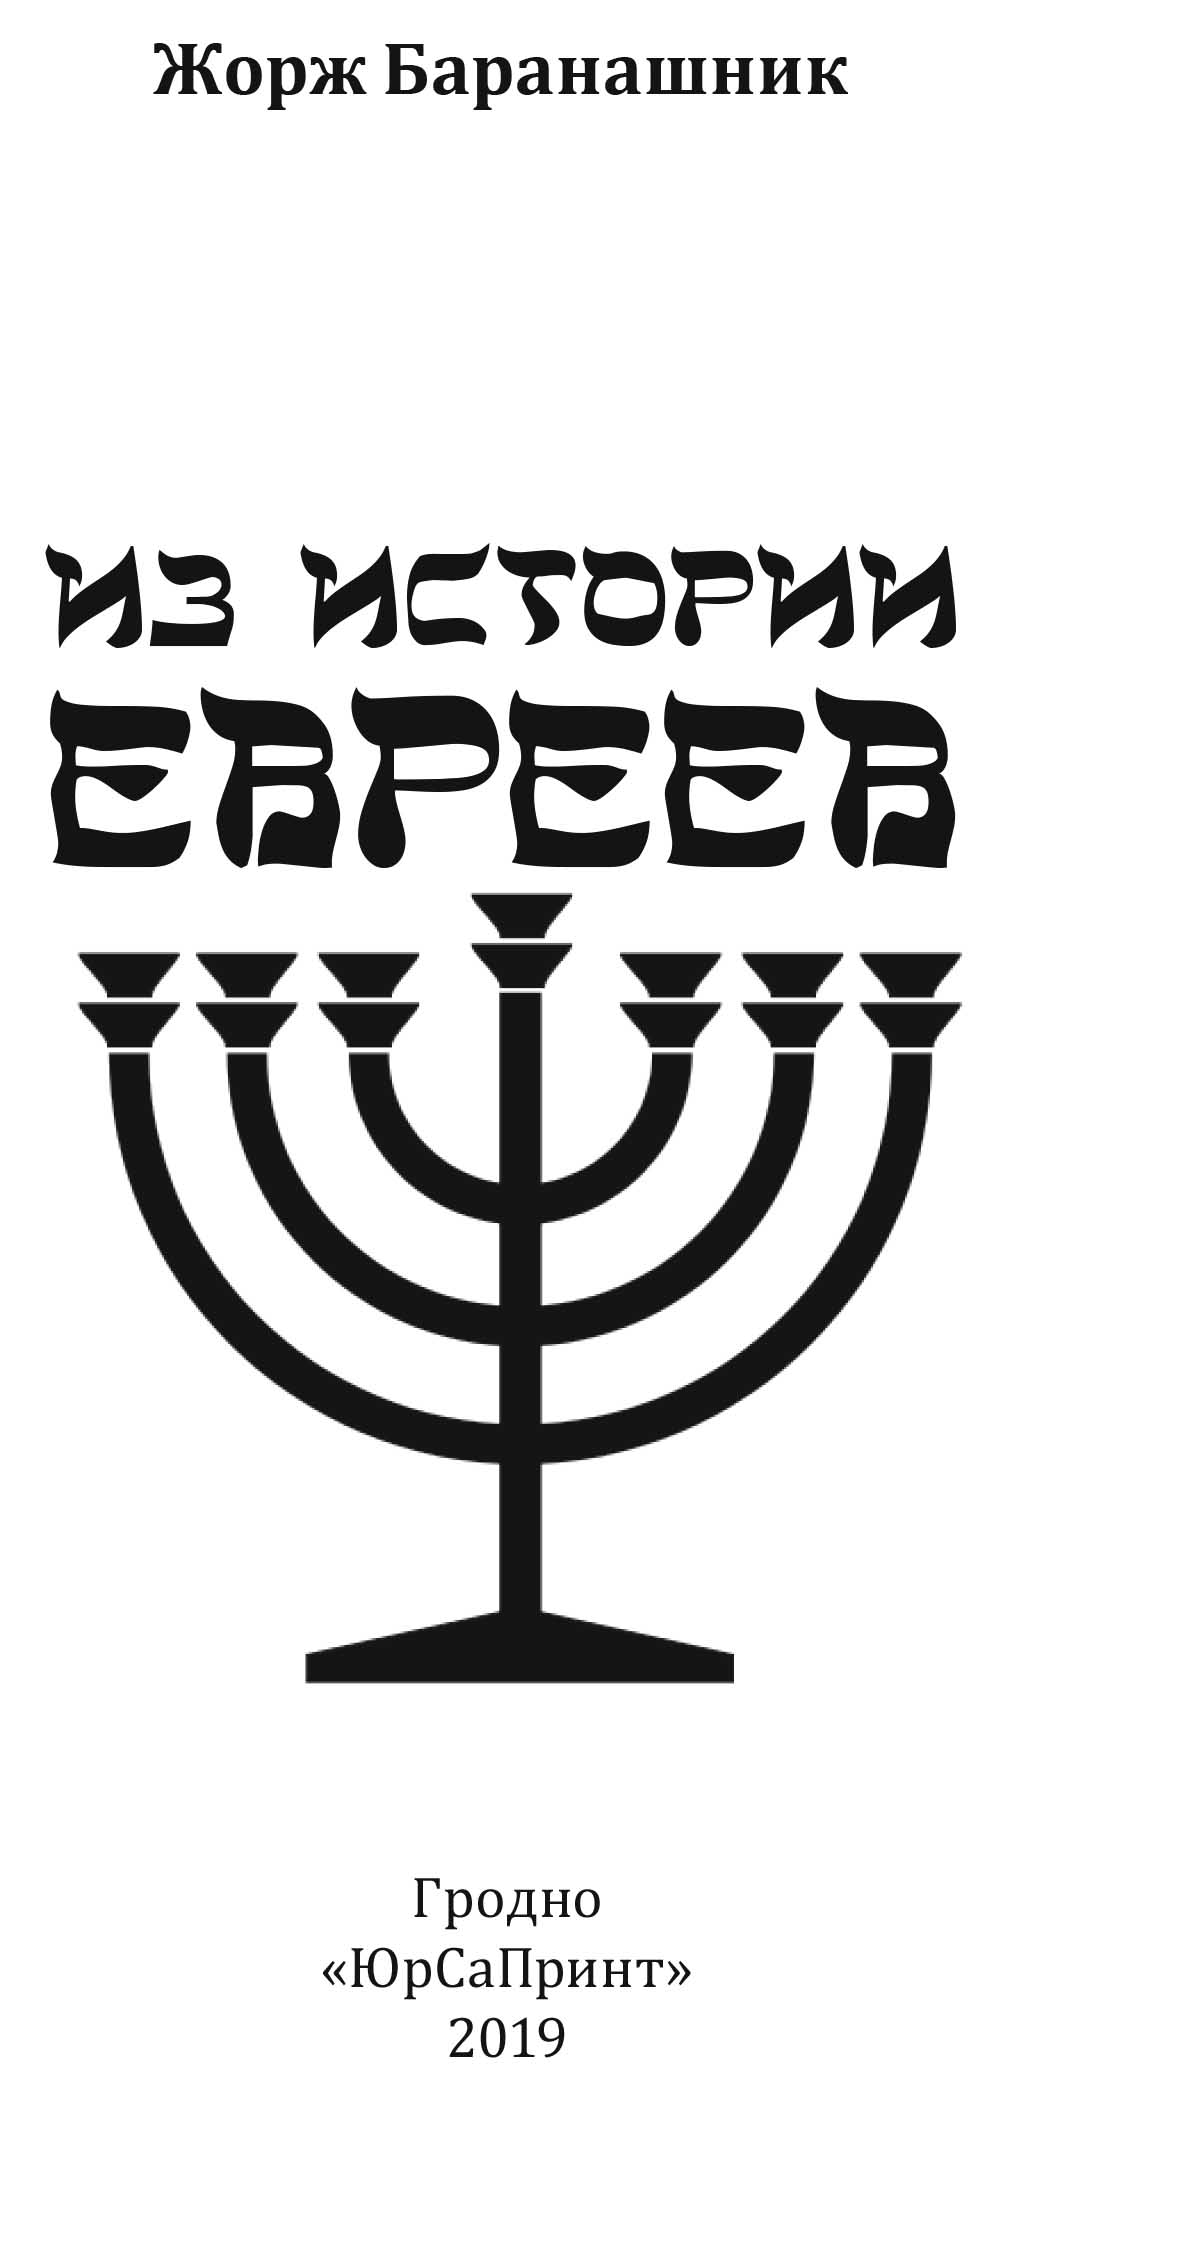 Жорж Баранашник, «Из истории евреев»